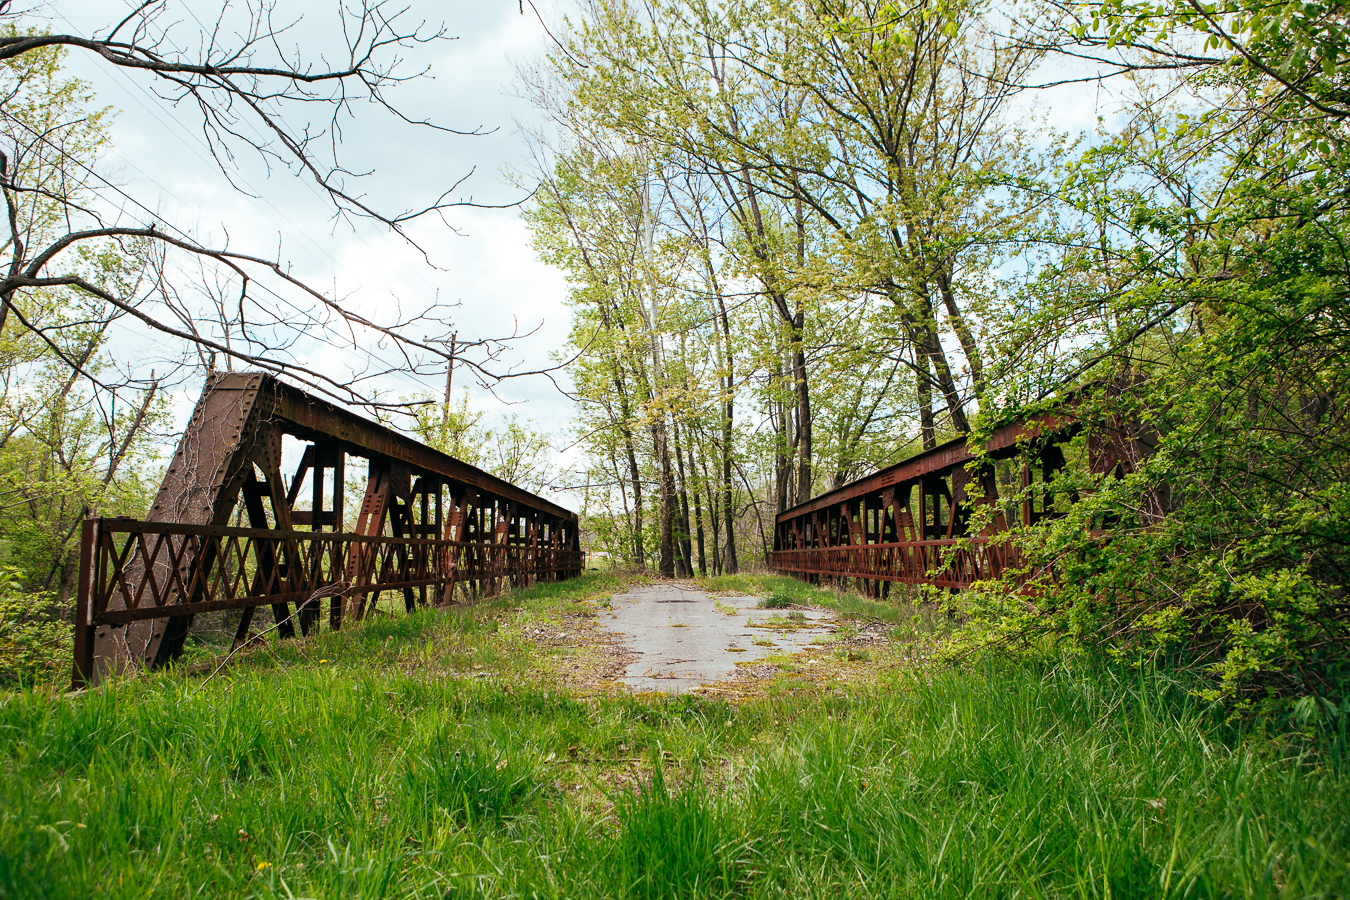 Found the bridge to nowhere.